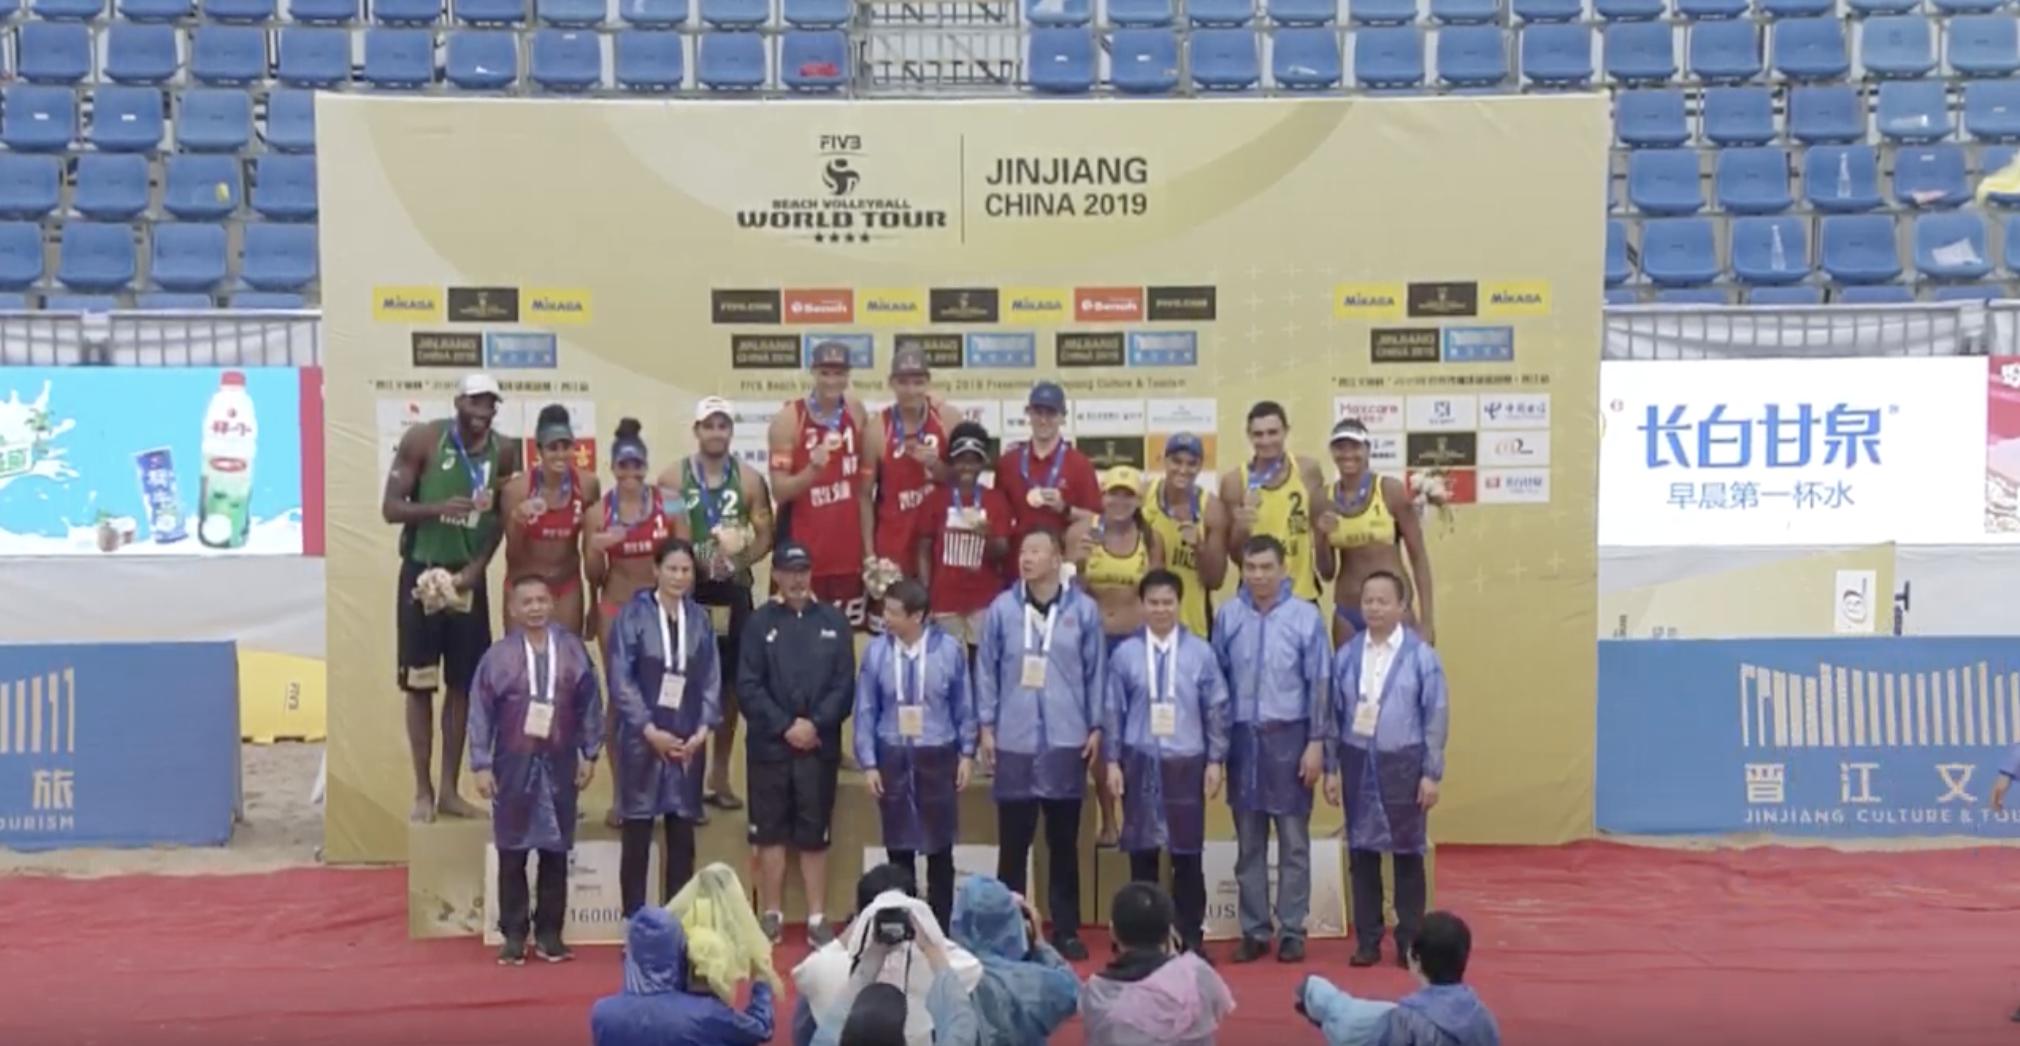 podio jinjiang 2019